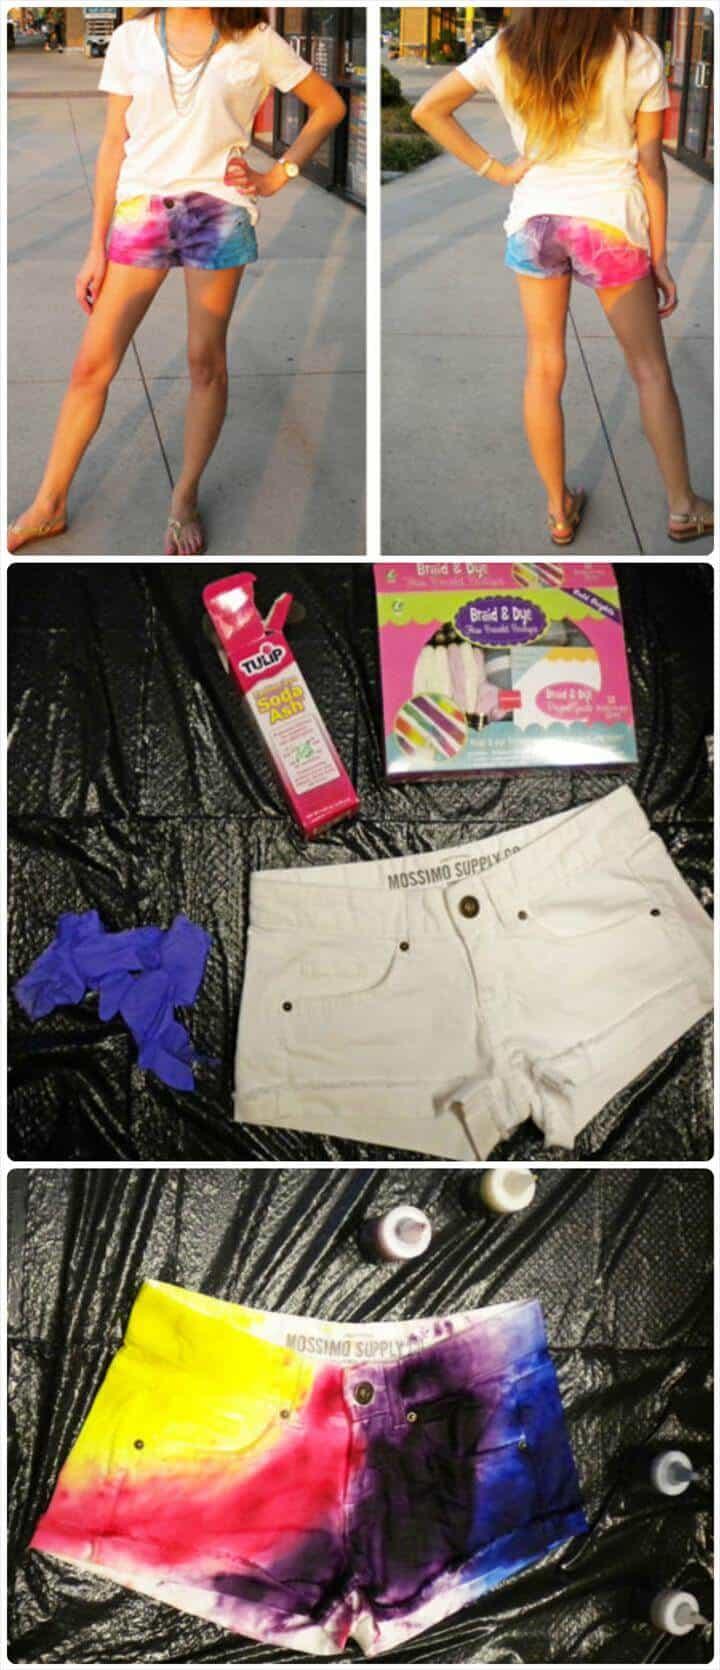 cambio de imagen de pantalones cortos de verano con efecto tie dye